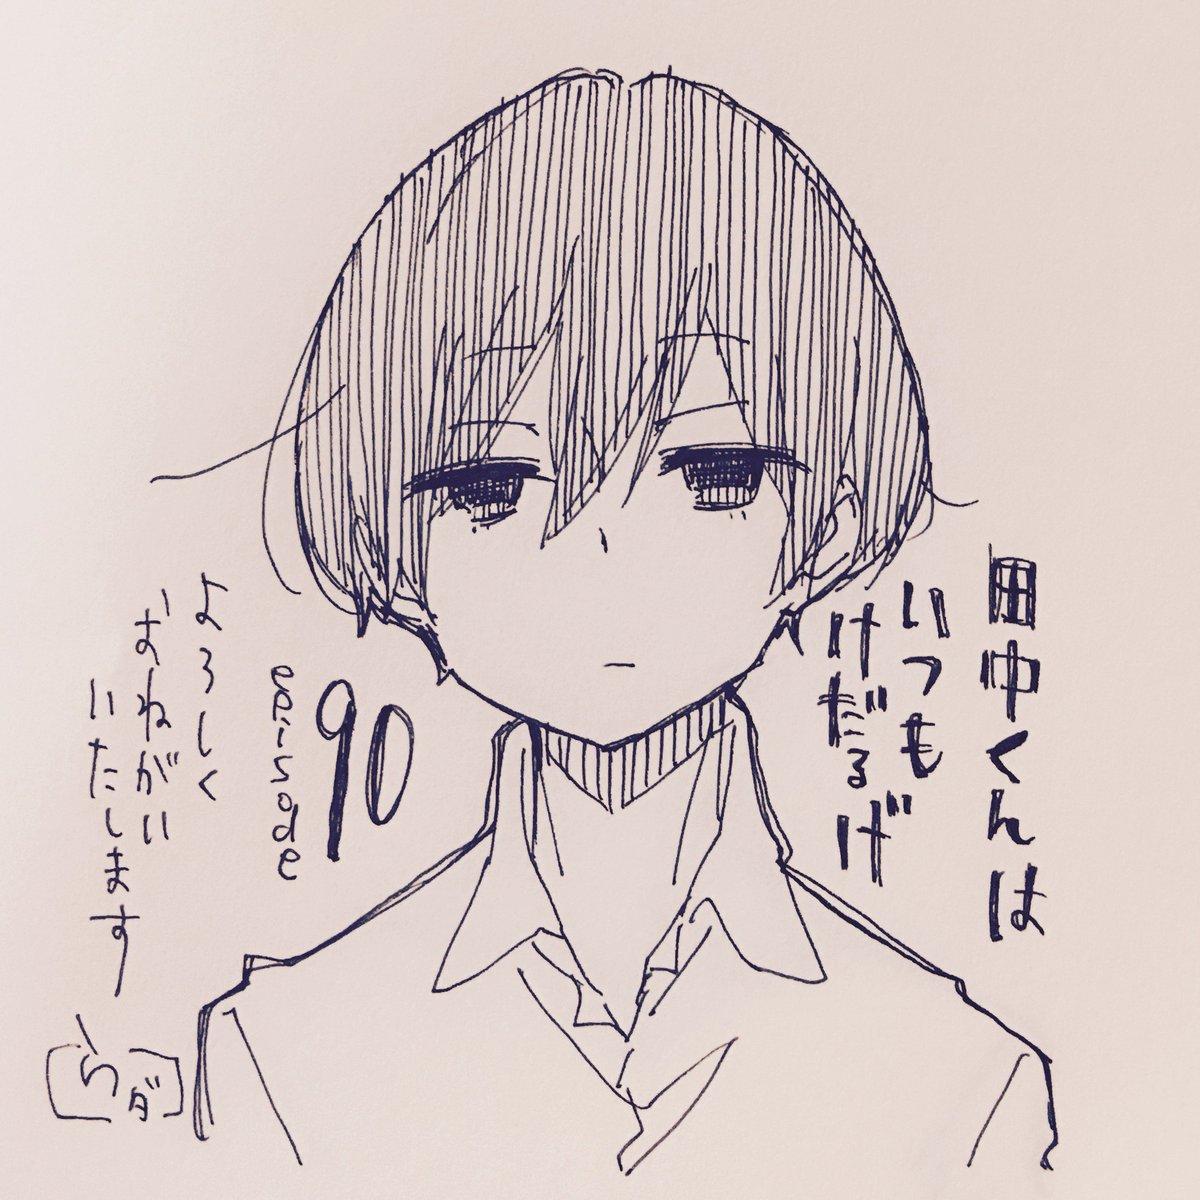 更新日です〜 田中の瞳を描いた記憶がほとんどない回…よろしくお願いいたします…( ˘ω˘ ) 『田中くんはいつもけだるげ